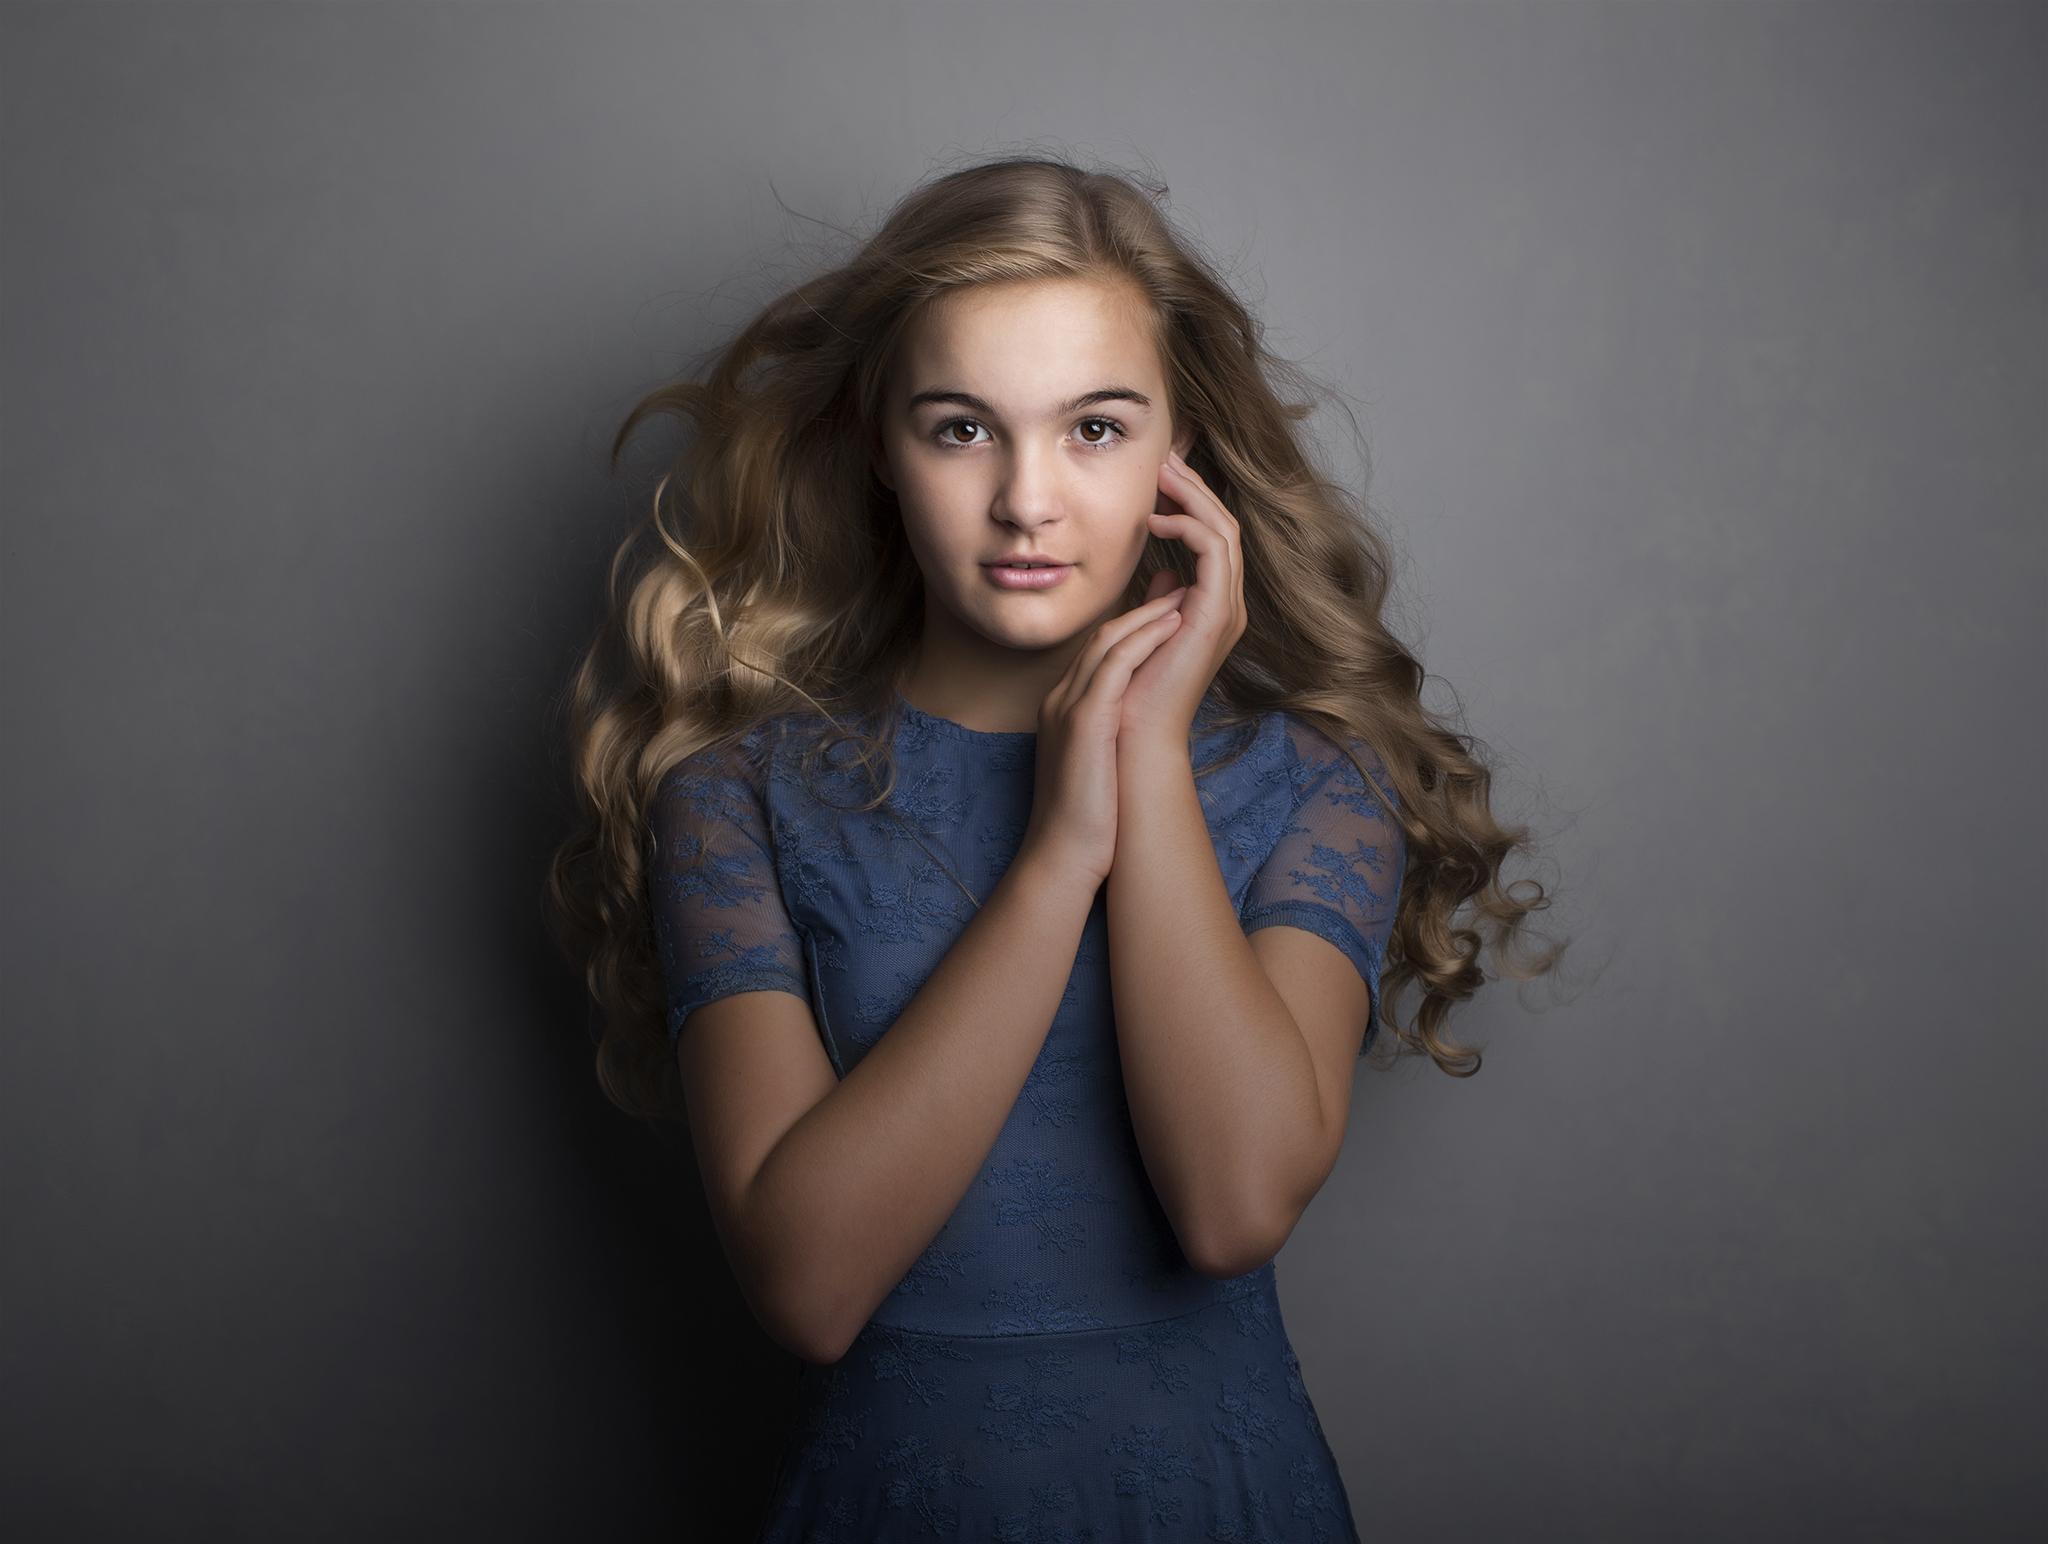 elizabethgfineartphotography_kingslangley_model_actor_dancer_alex_rose_parker_elliottparkermanagement.jpg